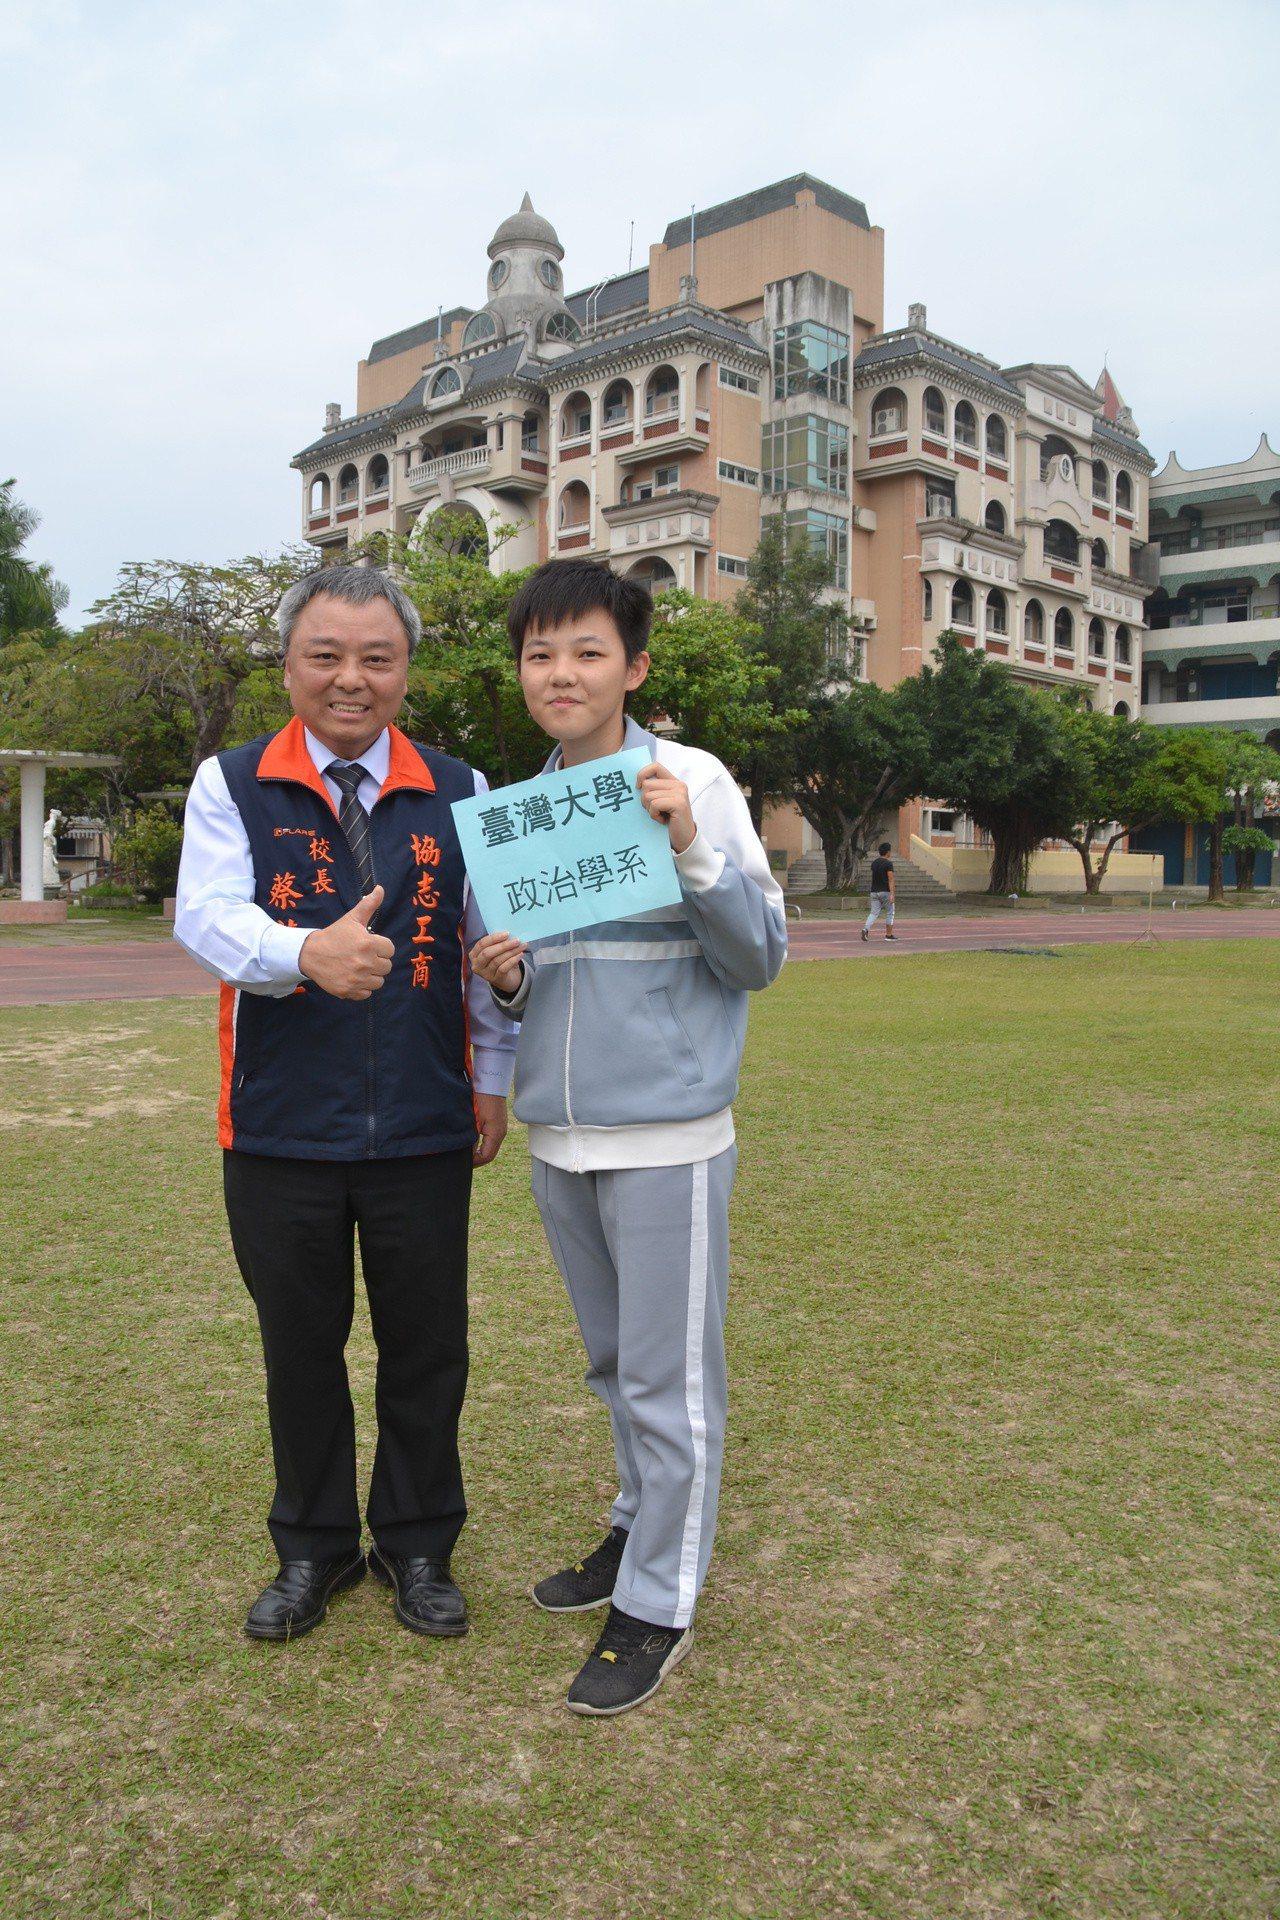 校長蔡英仁(左)祝賀李宜芳同學錄取台灣大學。記者謝恩得/翻攝